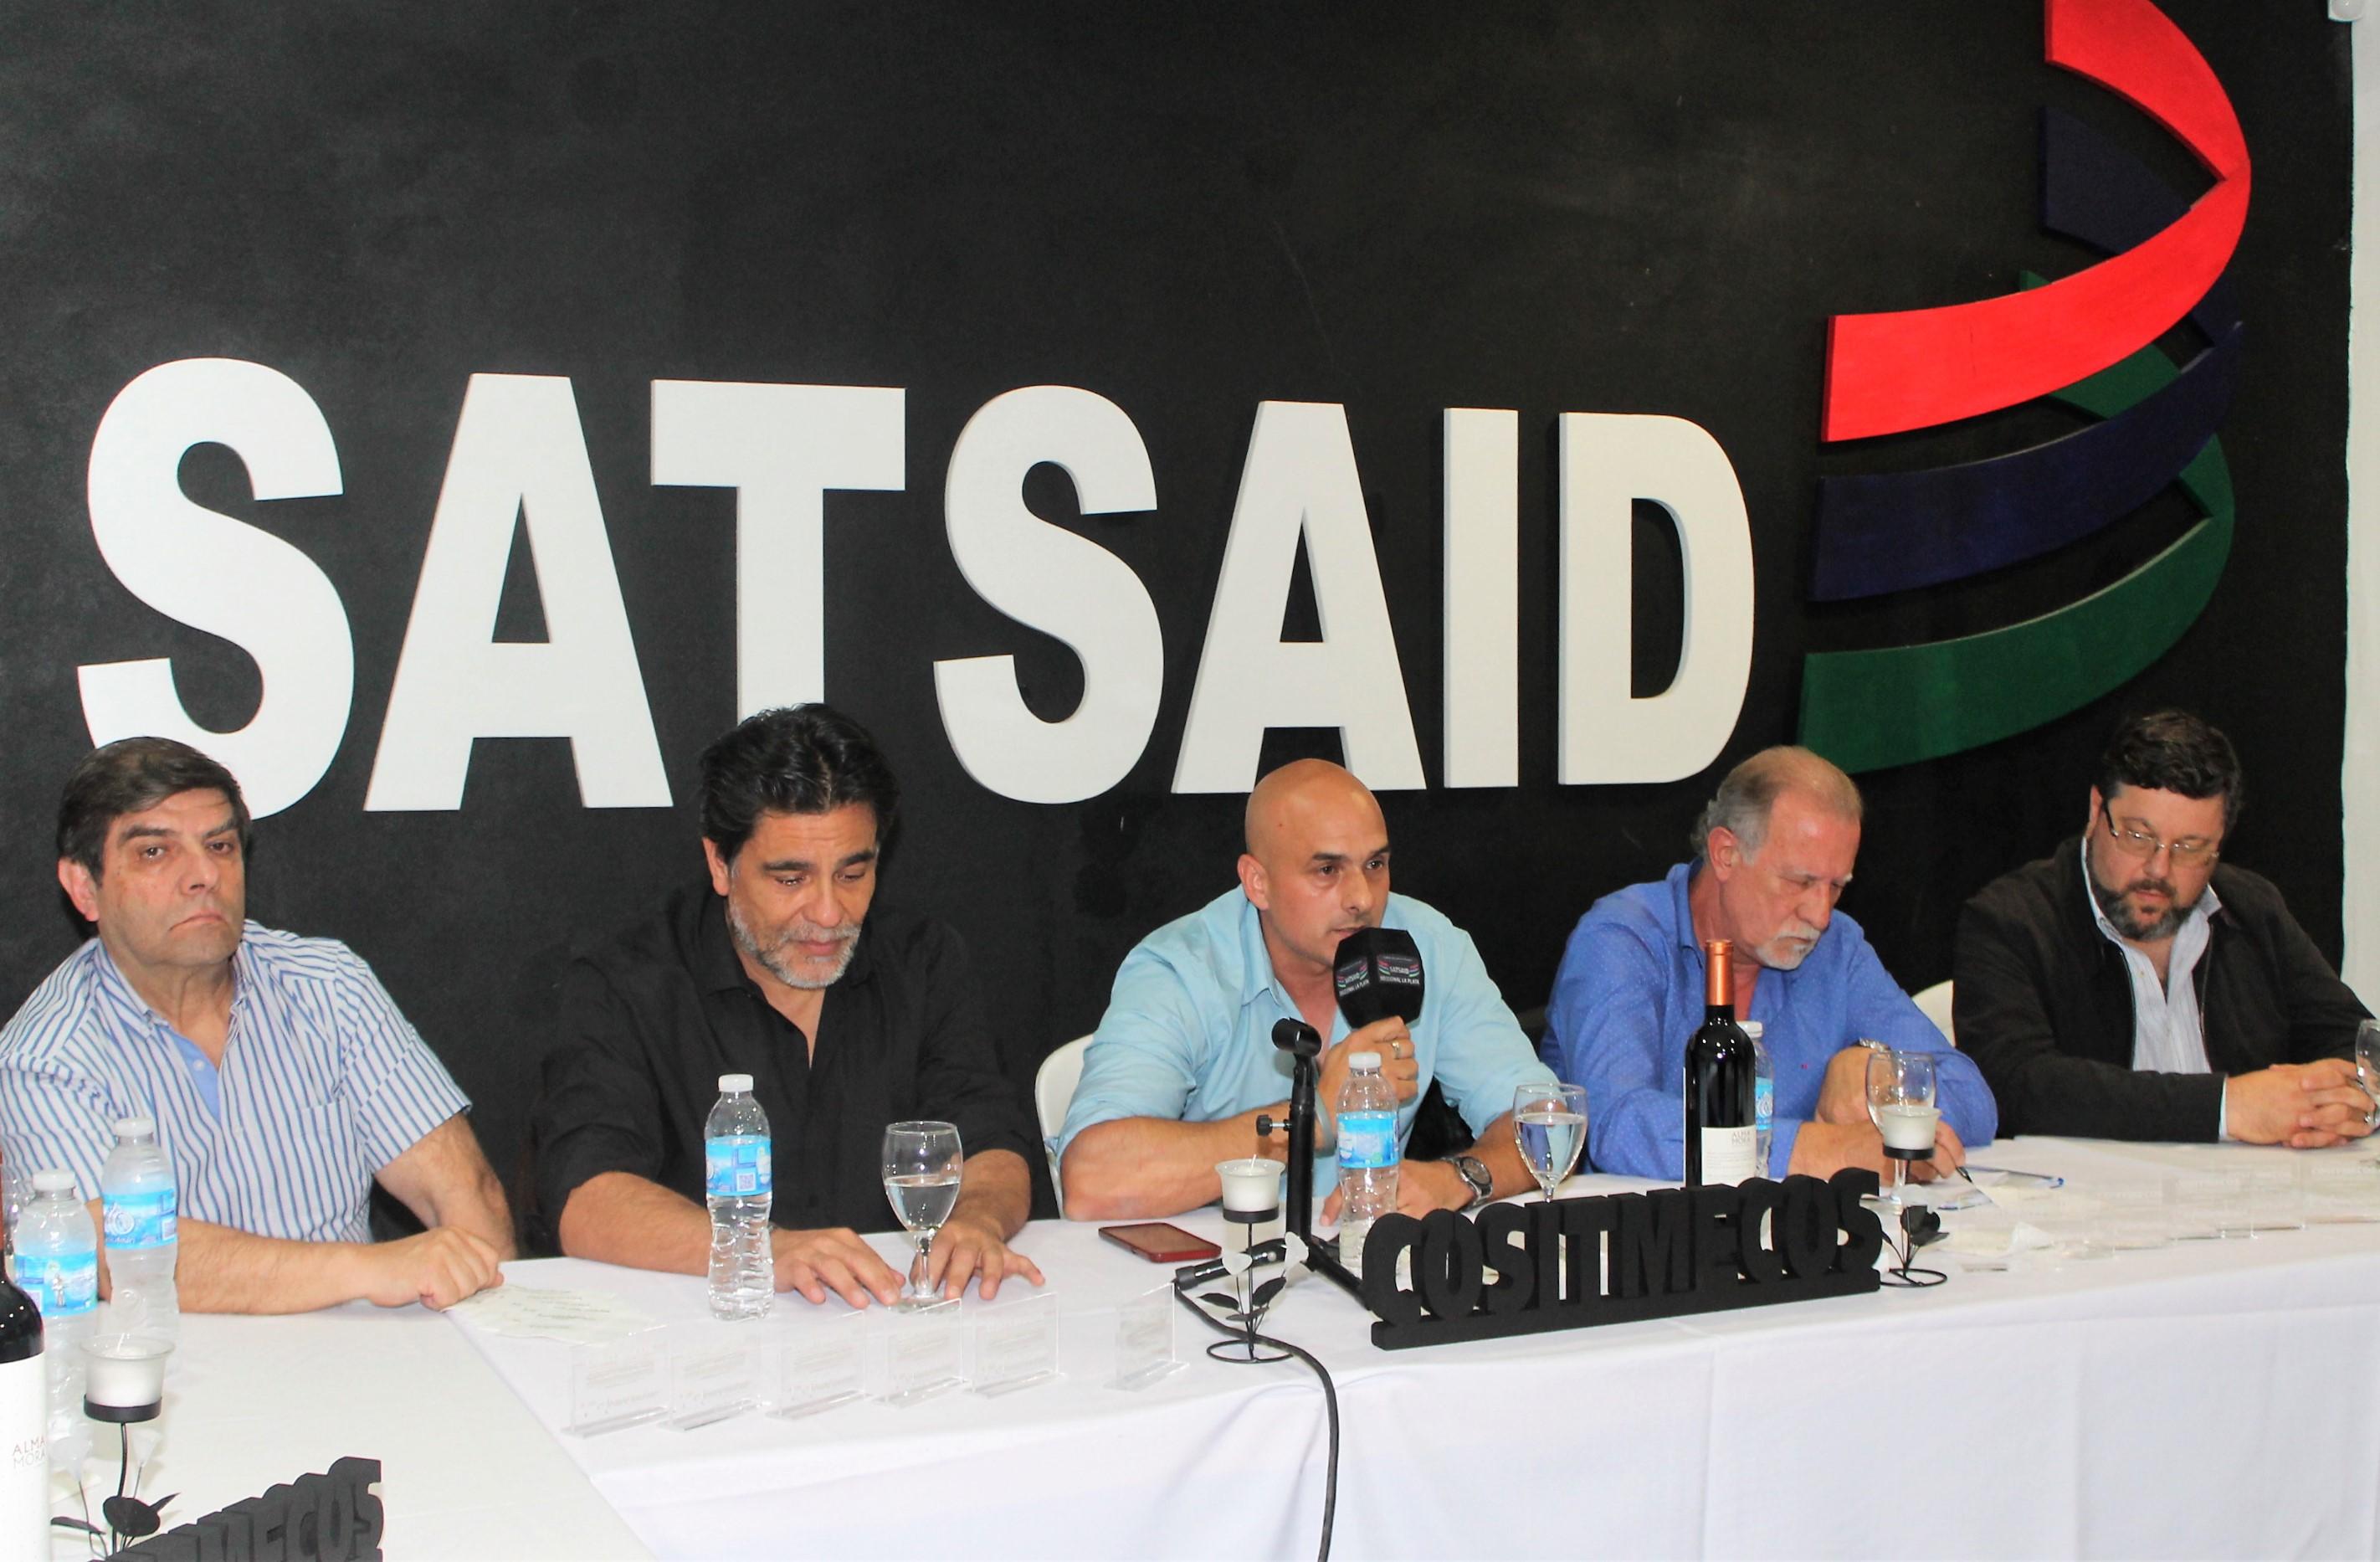 La Confederación de Sindicatos de Medios celebró su primer aniversario en La Plata